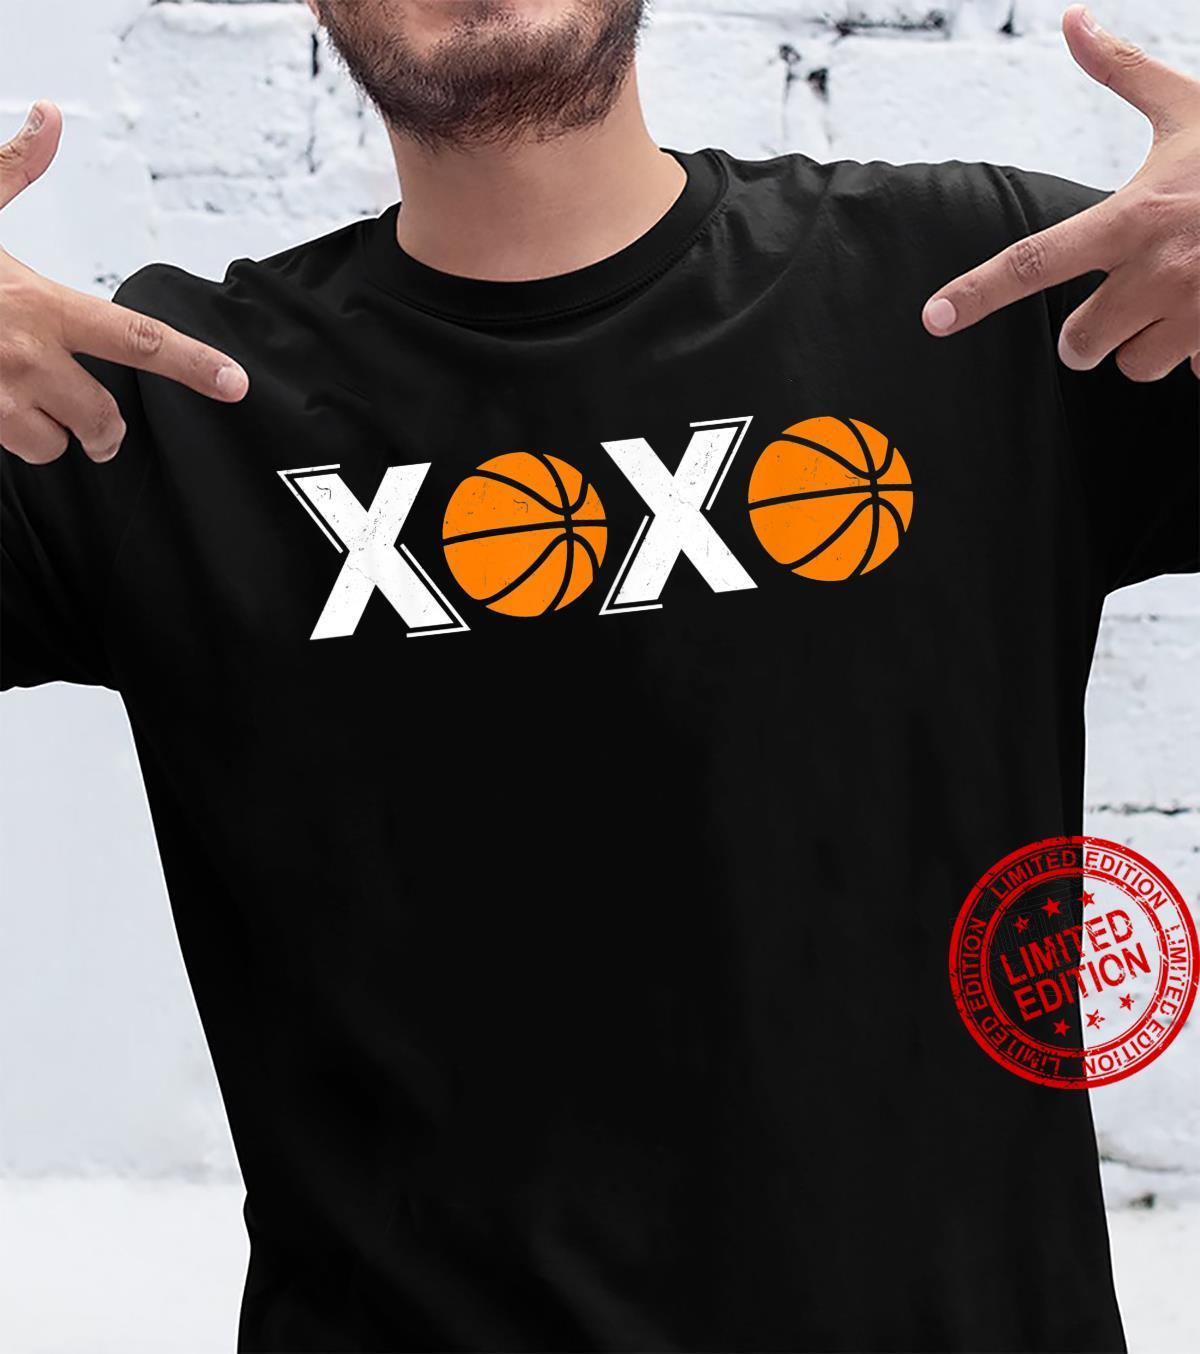 XOXO Basketball Shirt